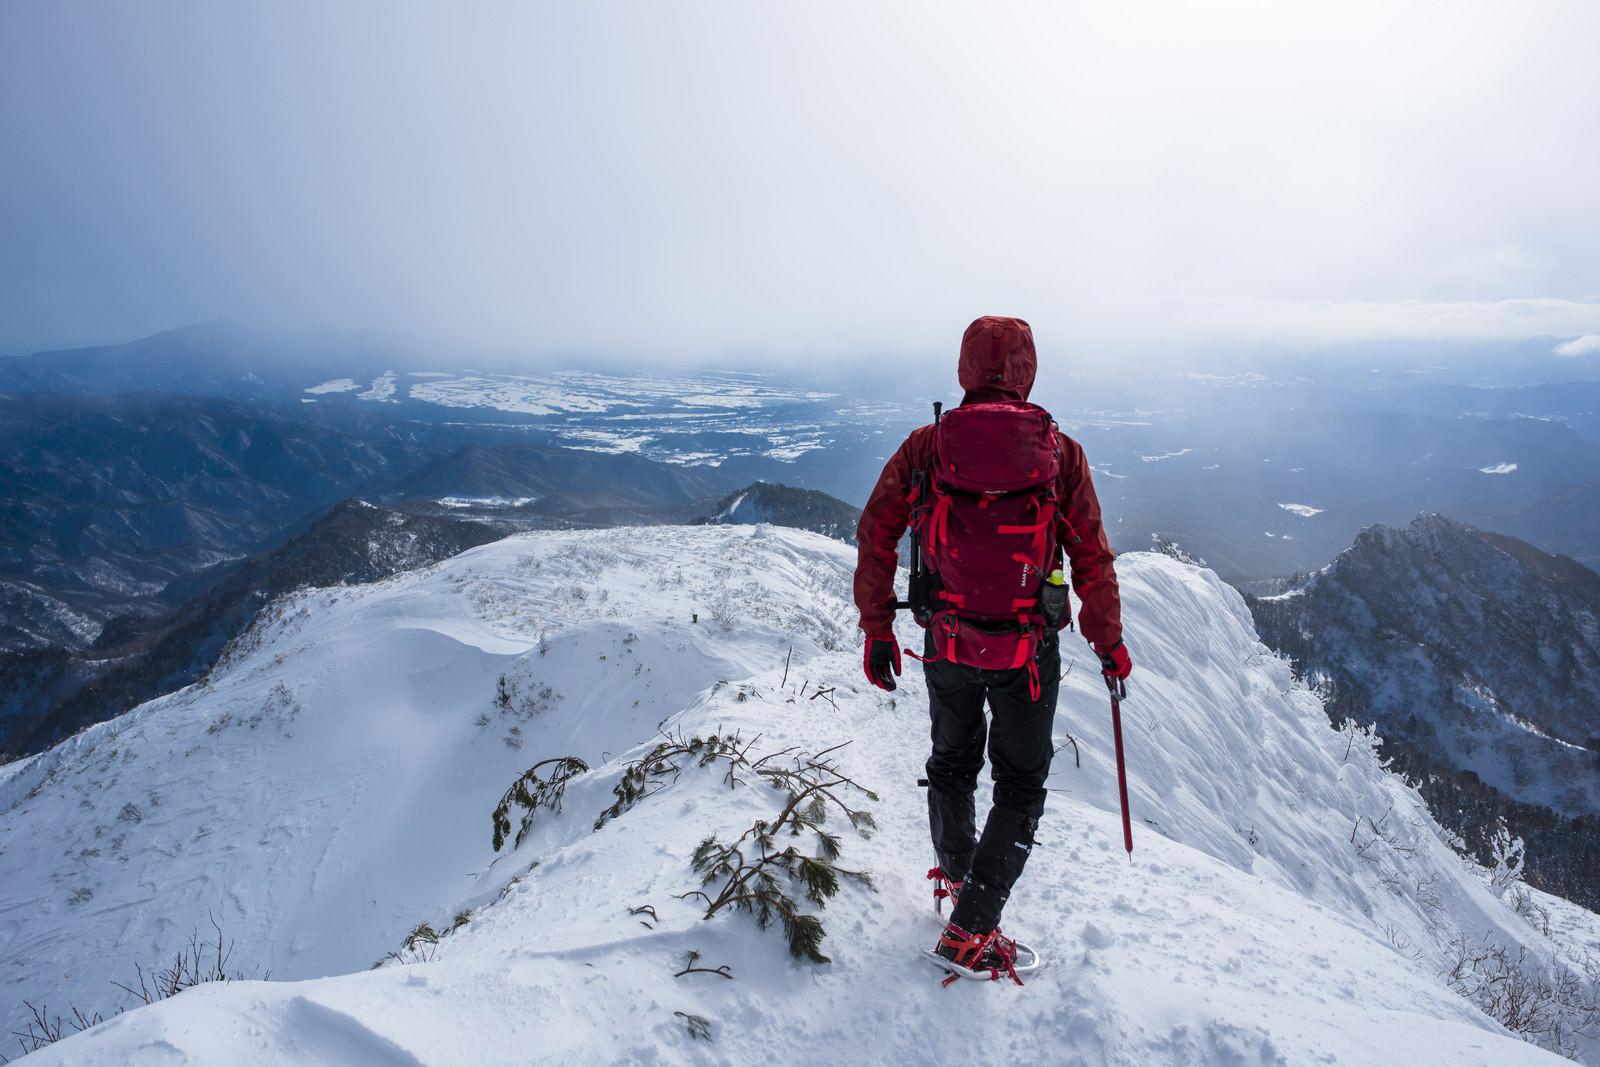 「上州武尊山の稜線を歩く赤い登山者」の写真